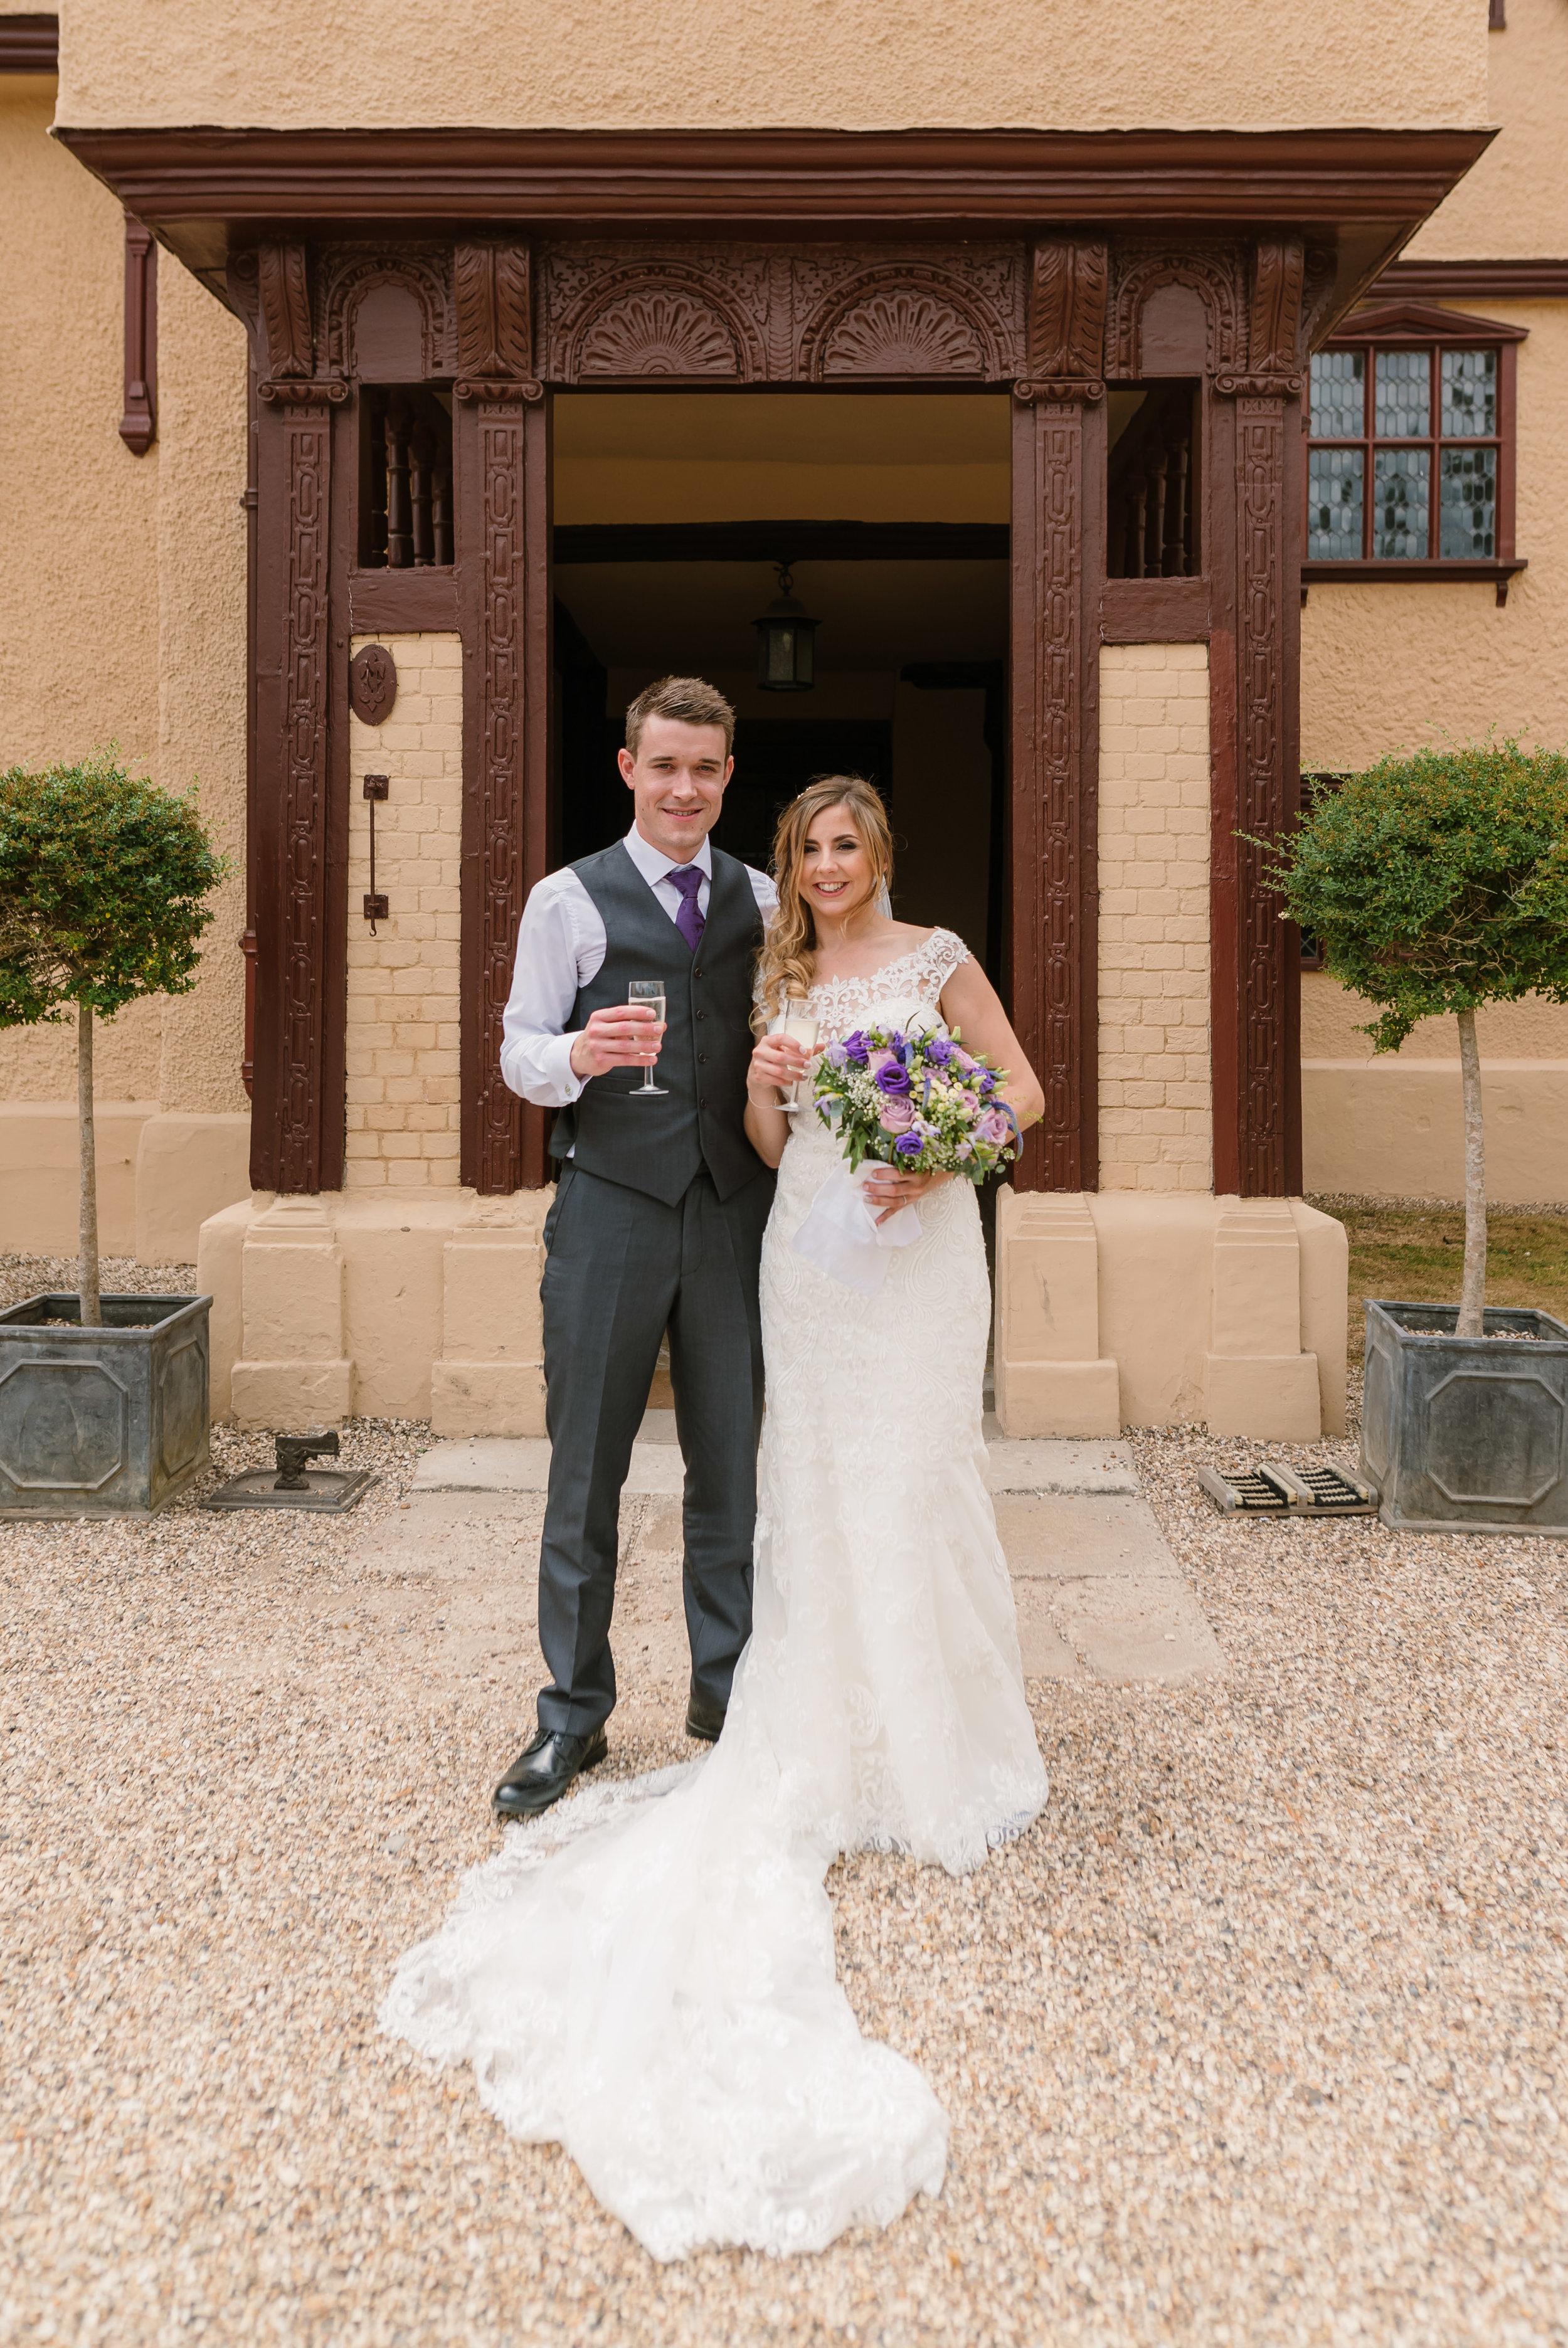 Hampshire Wedding Photographer Hampshire : Ufton-Court-Wedding : Barn-wedding-venue-hampshire : sarah-fishlock-photography : hampshire-barn-wedding-575.jpg